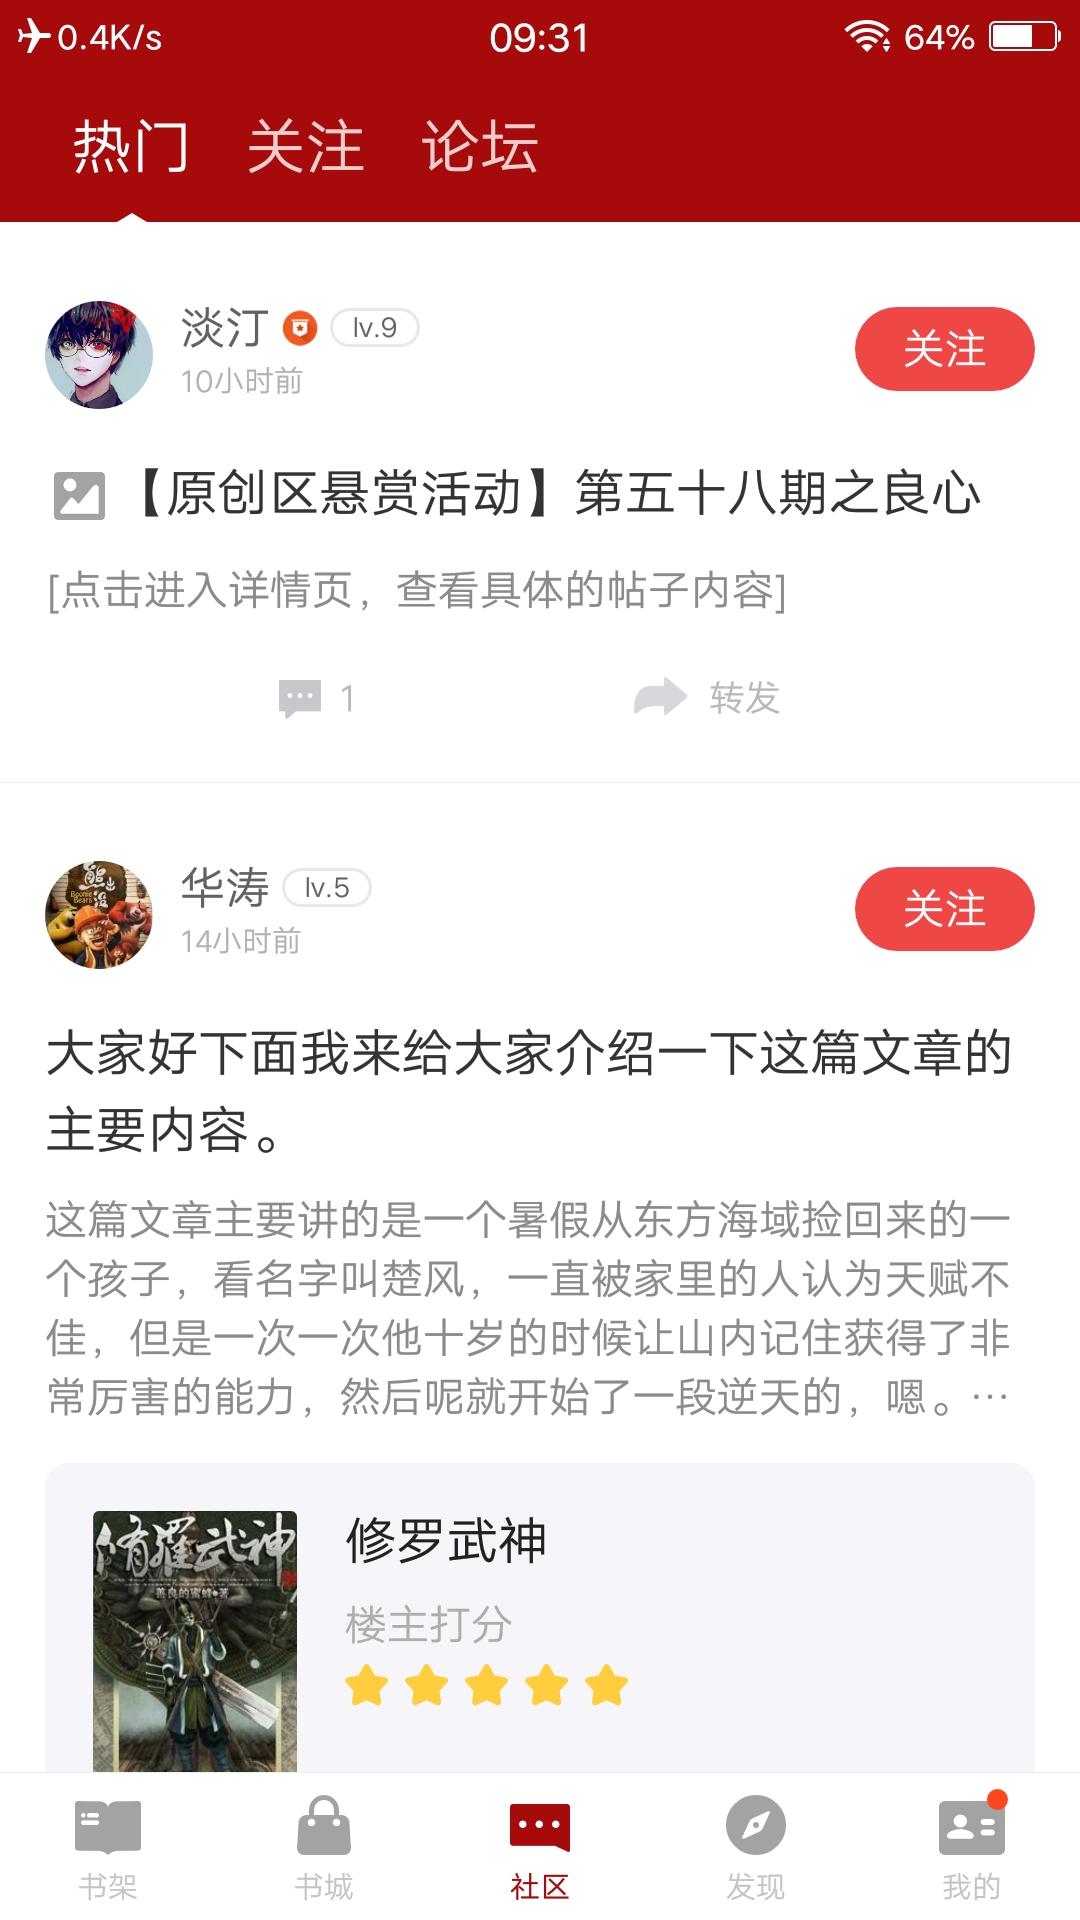 Screenshot_20181207_093103.jpg